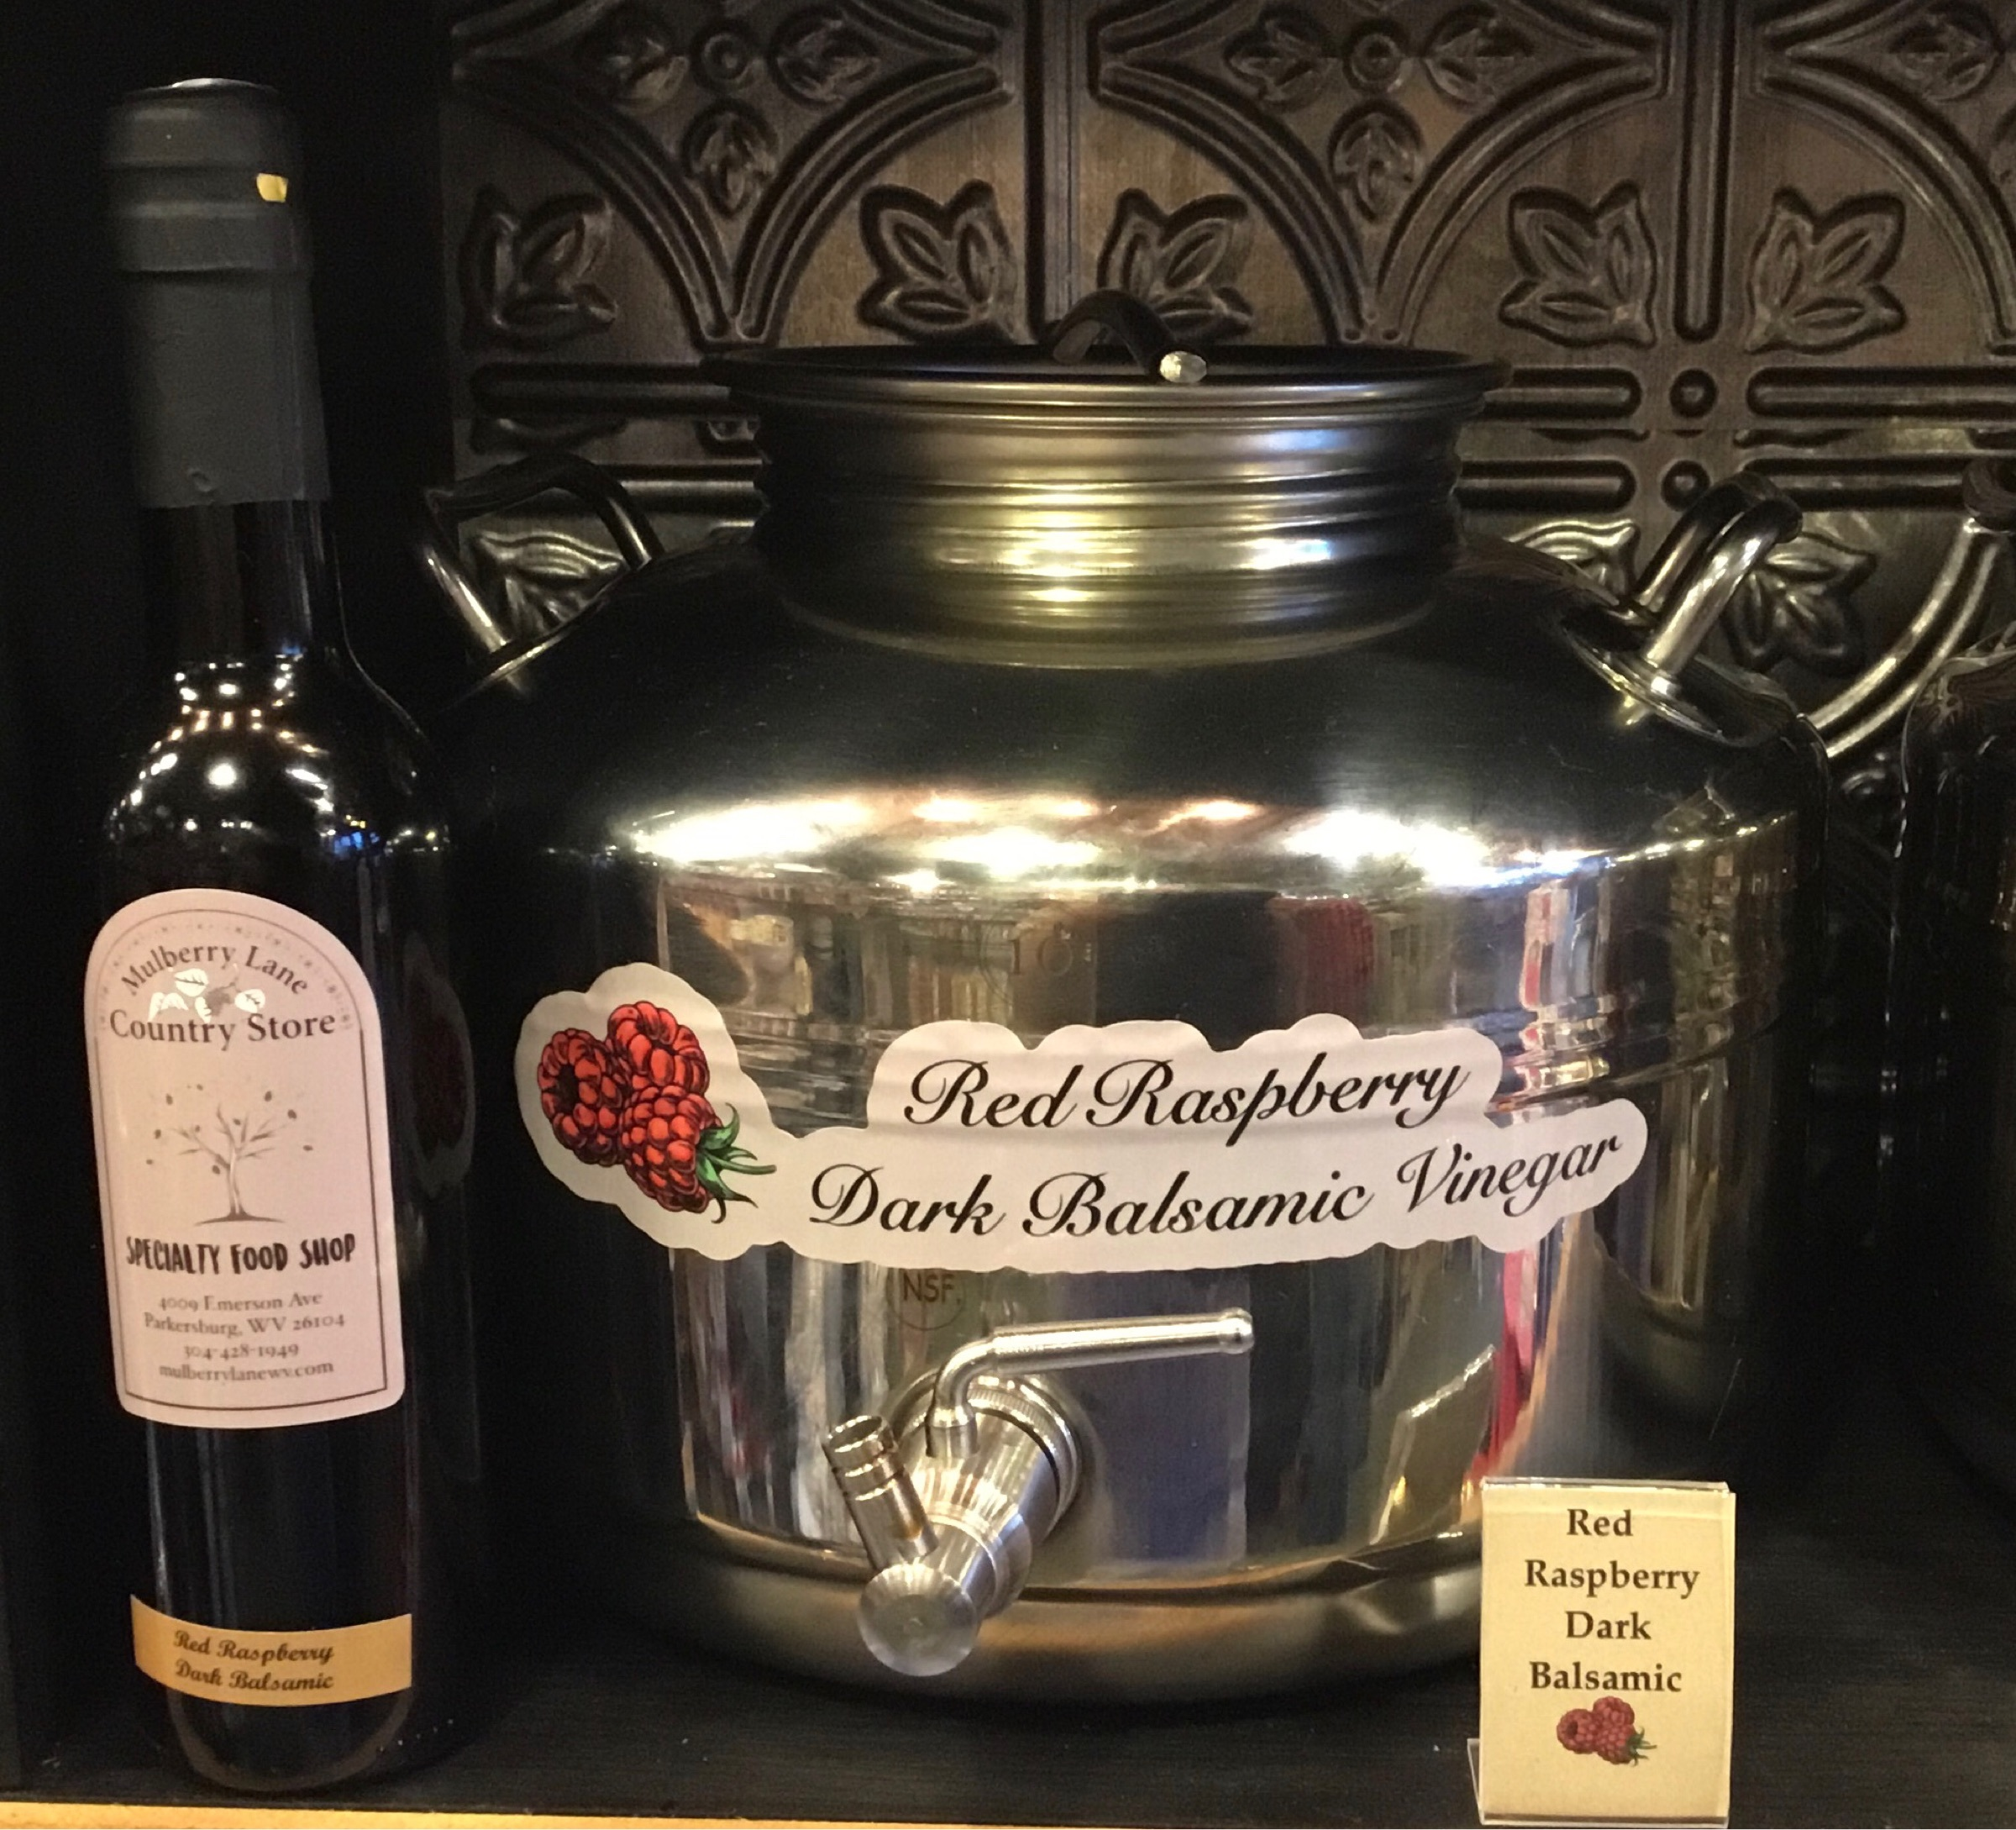 Red Raspberry Dark Balsamic Vinegar